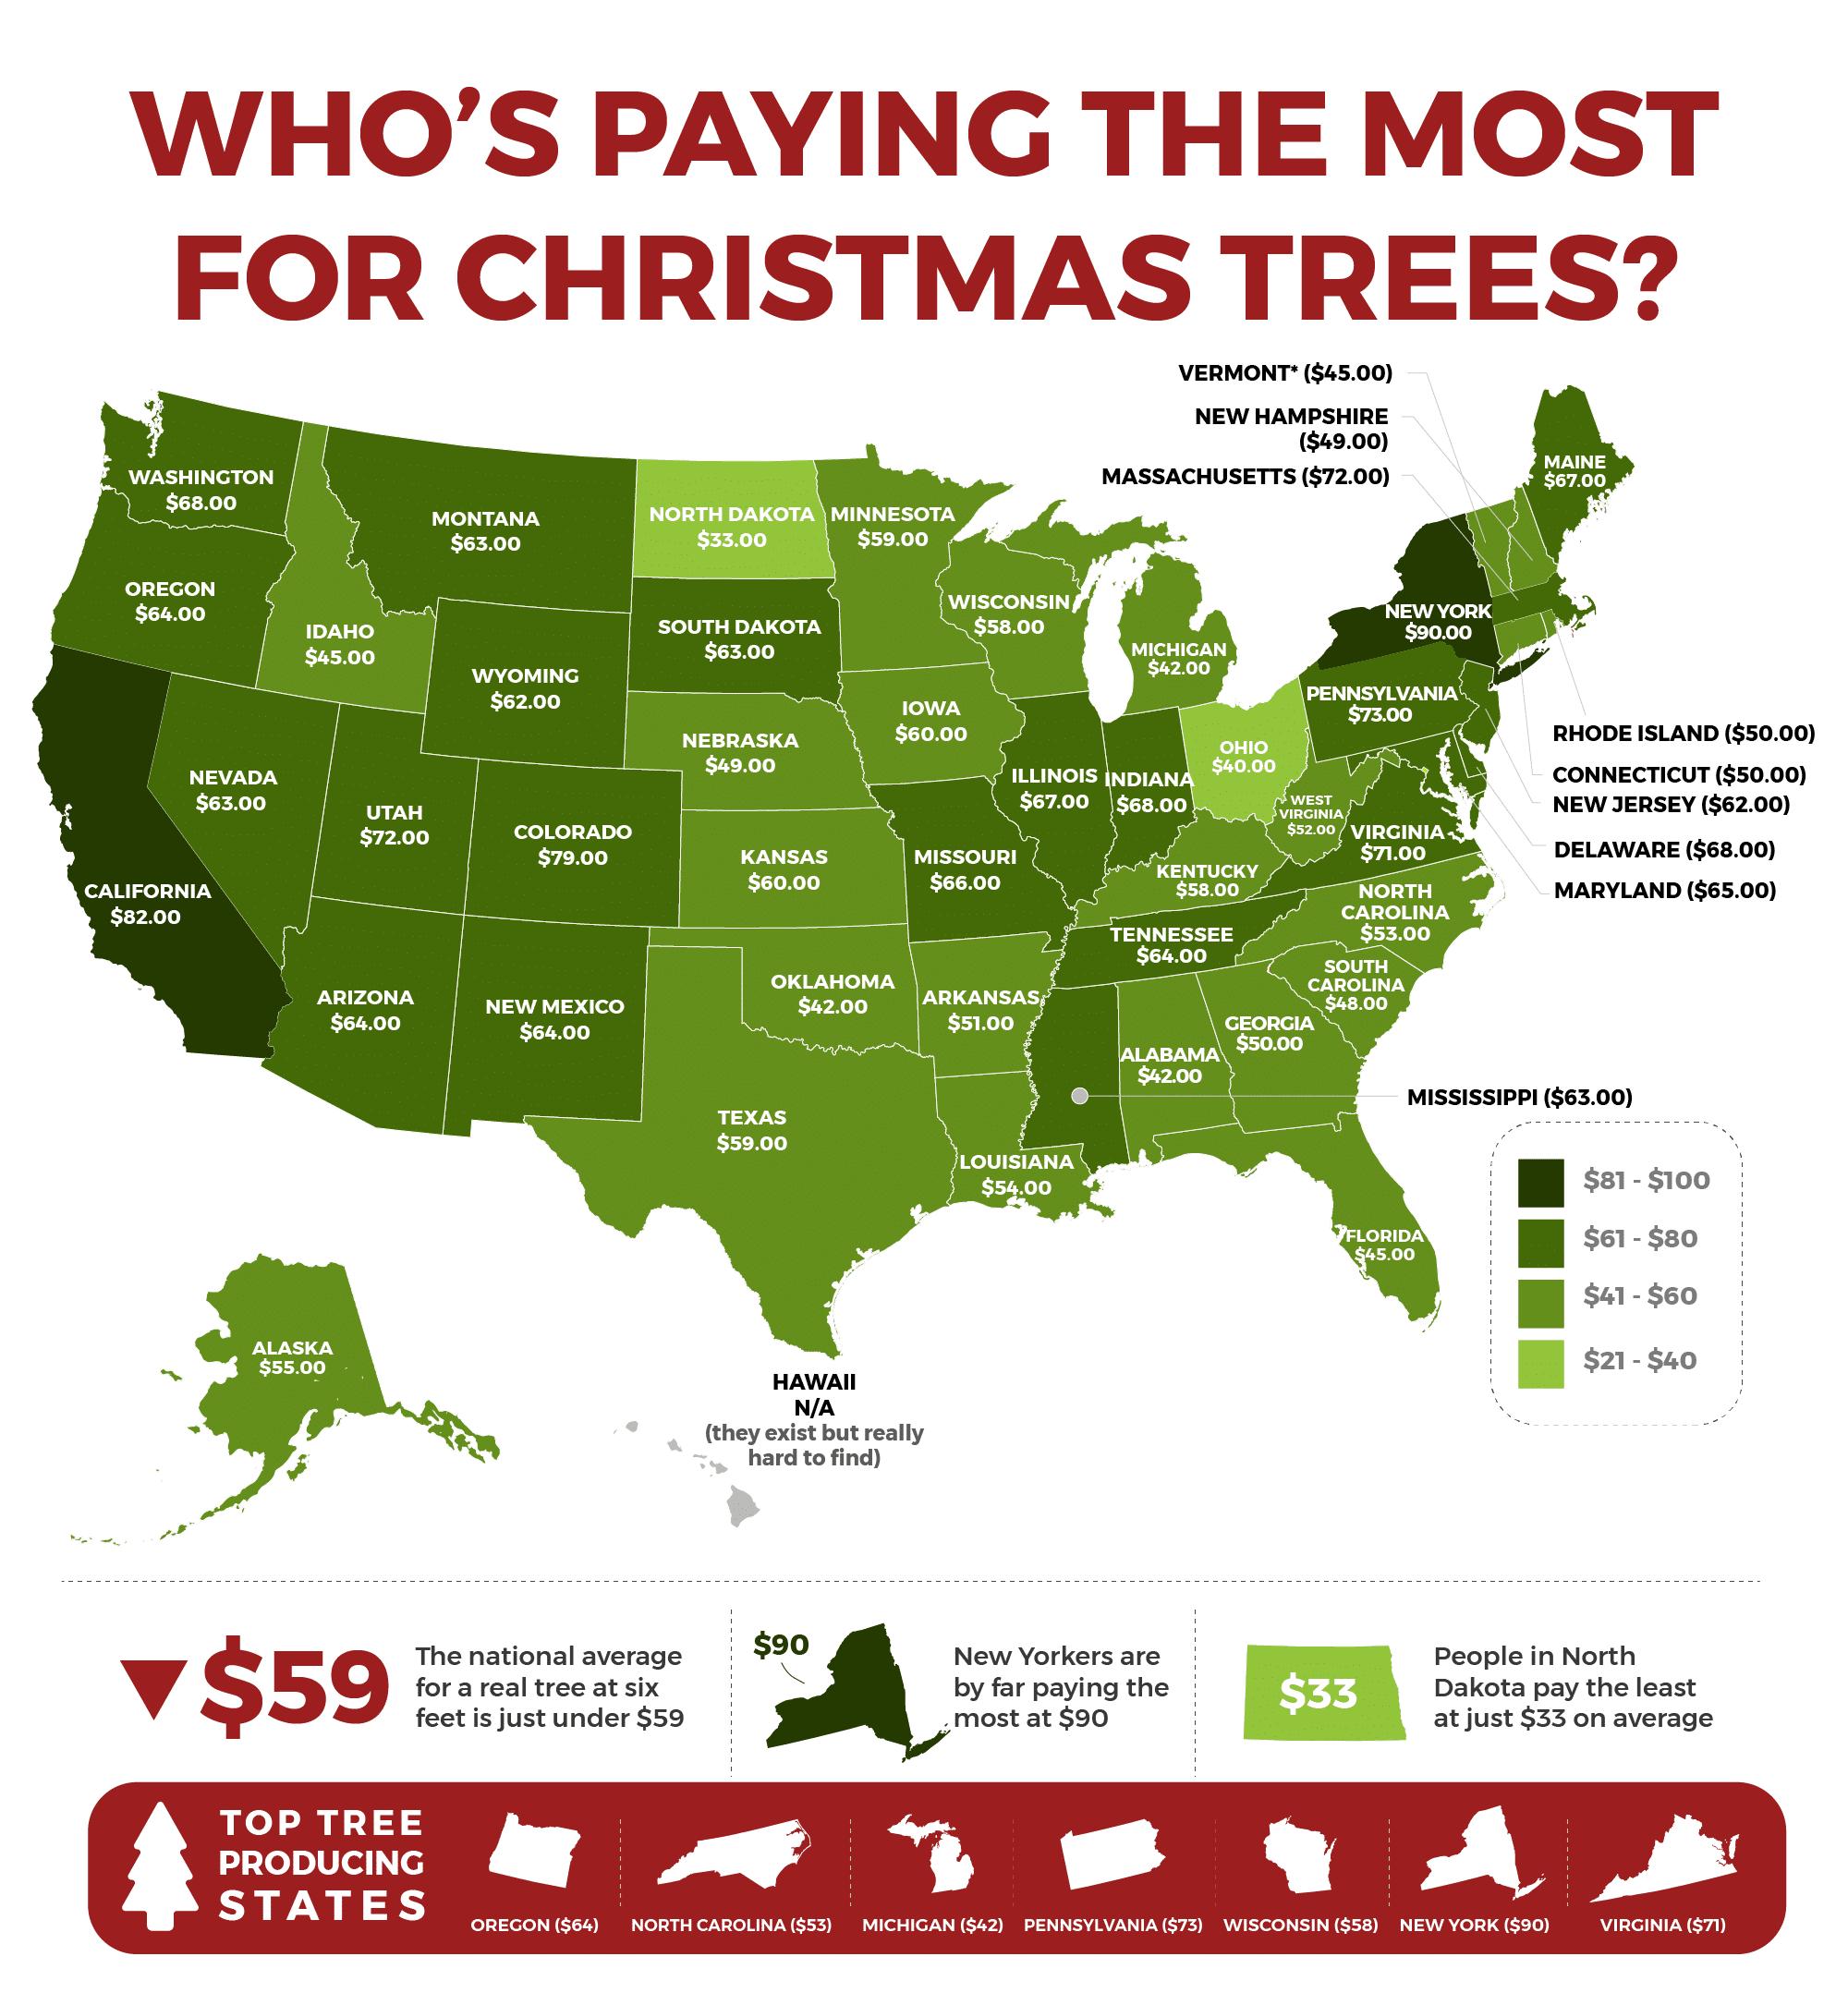 ChristmasTreesHeatMap_pricing